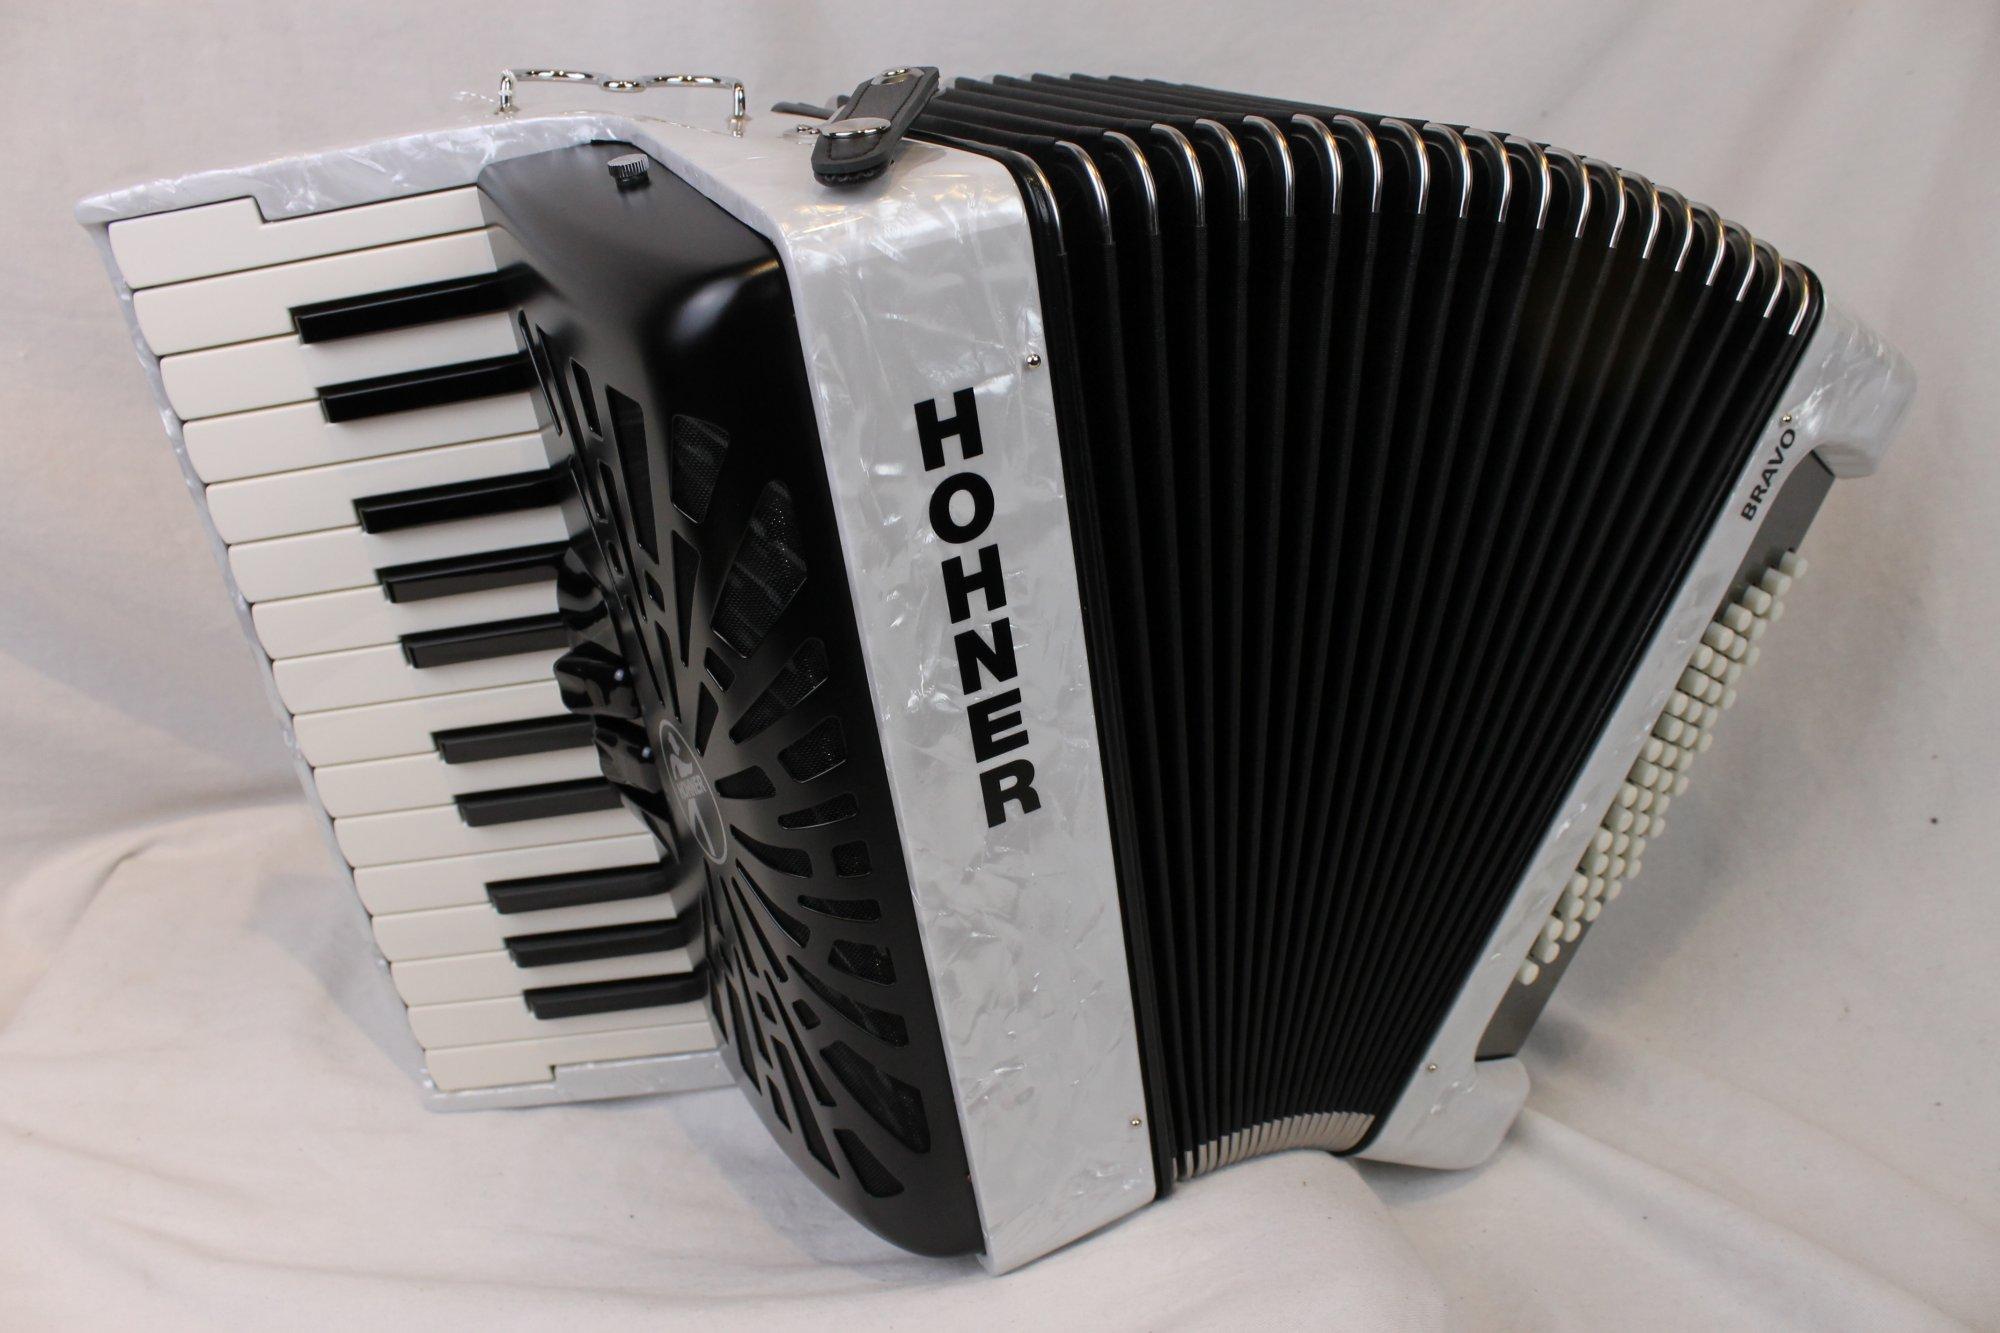 NEW White Hohner Bravo II Piano Accordion MM 26 48